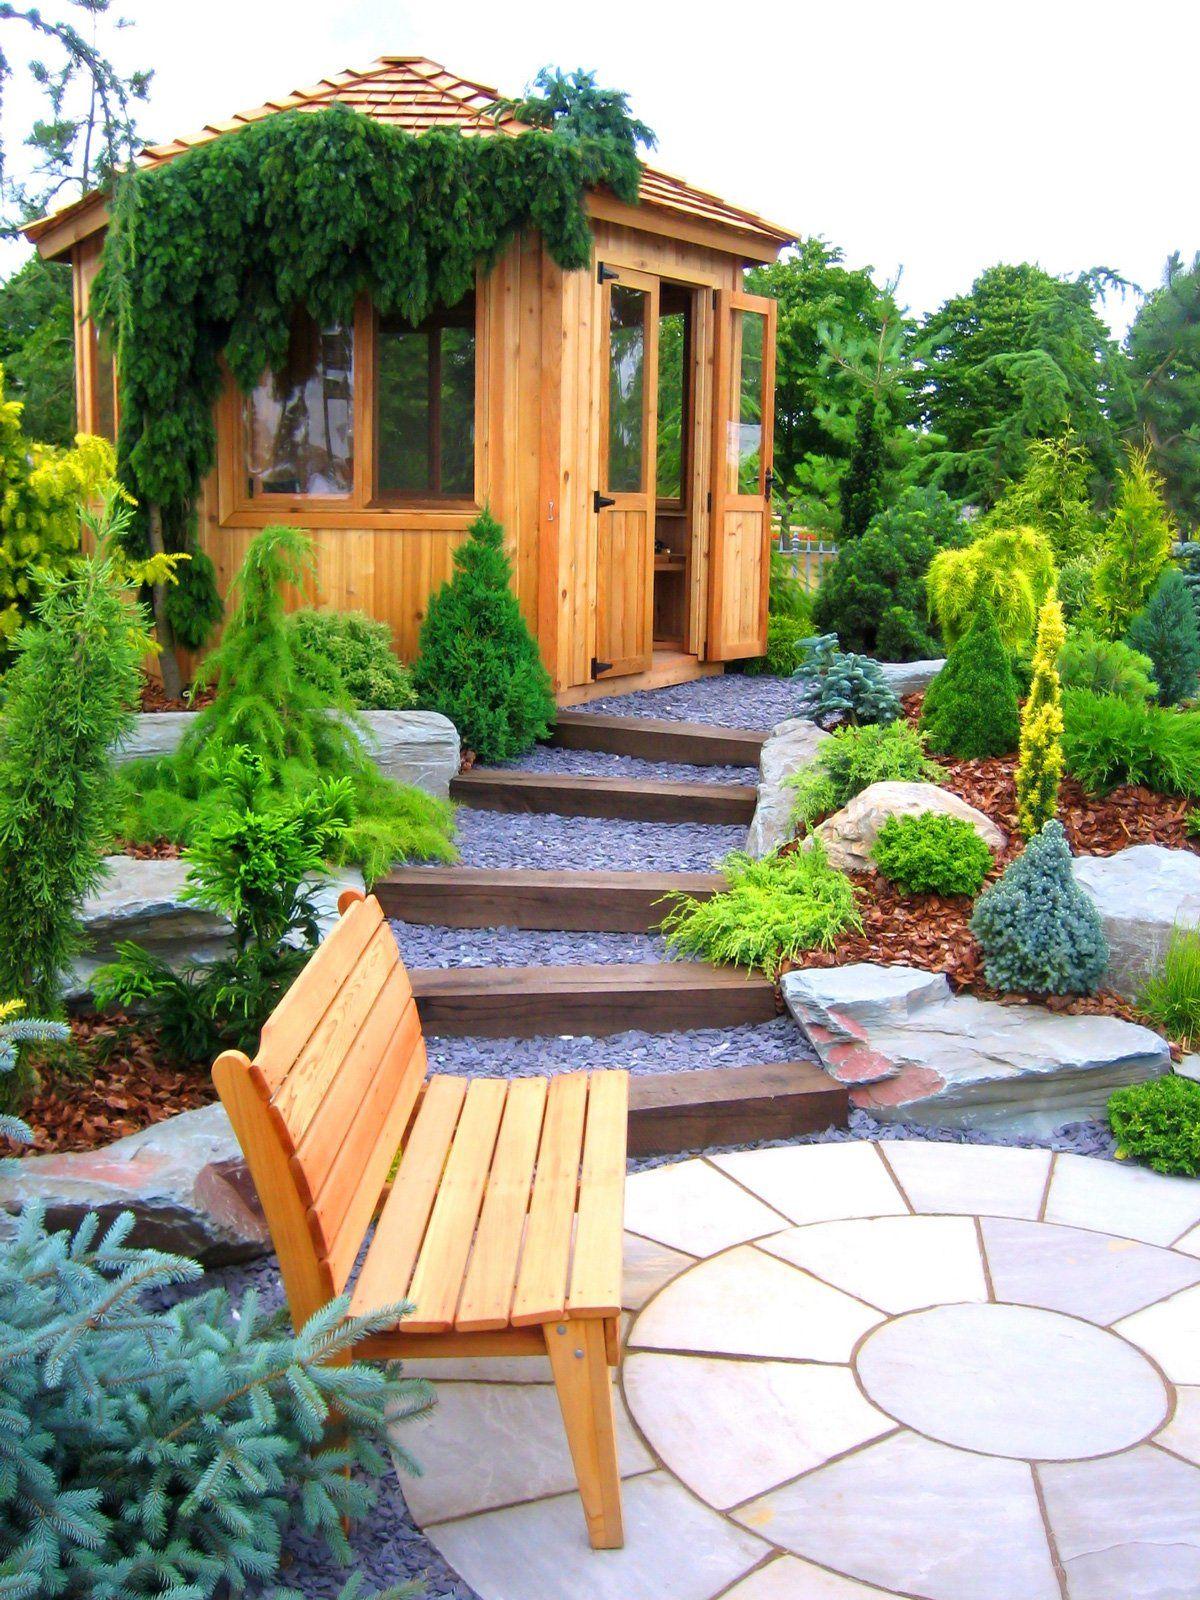 дизайн садового участка с беседкой